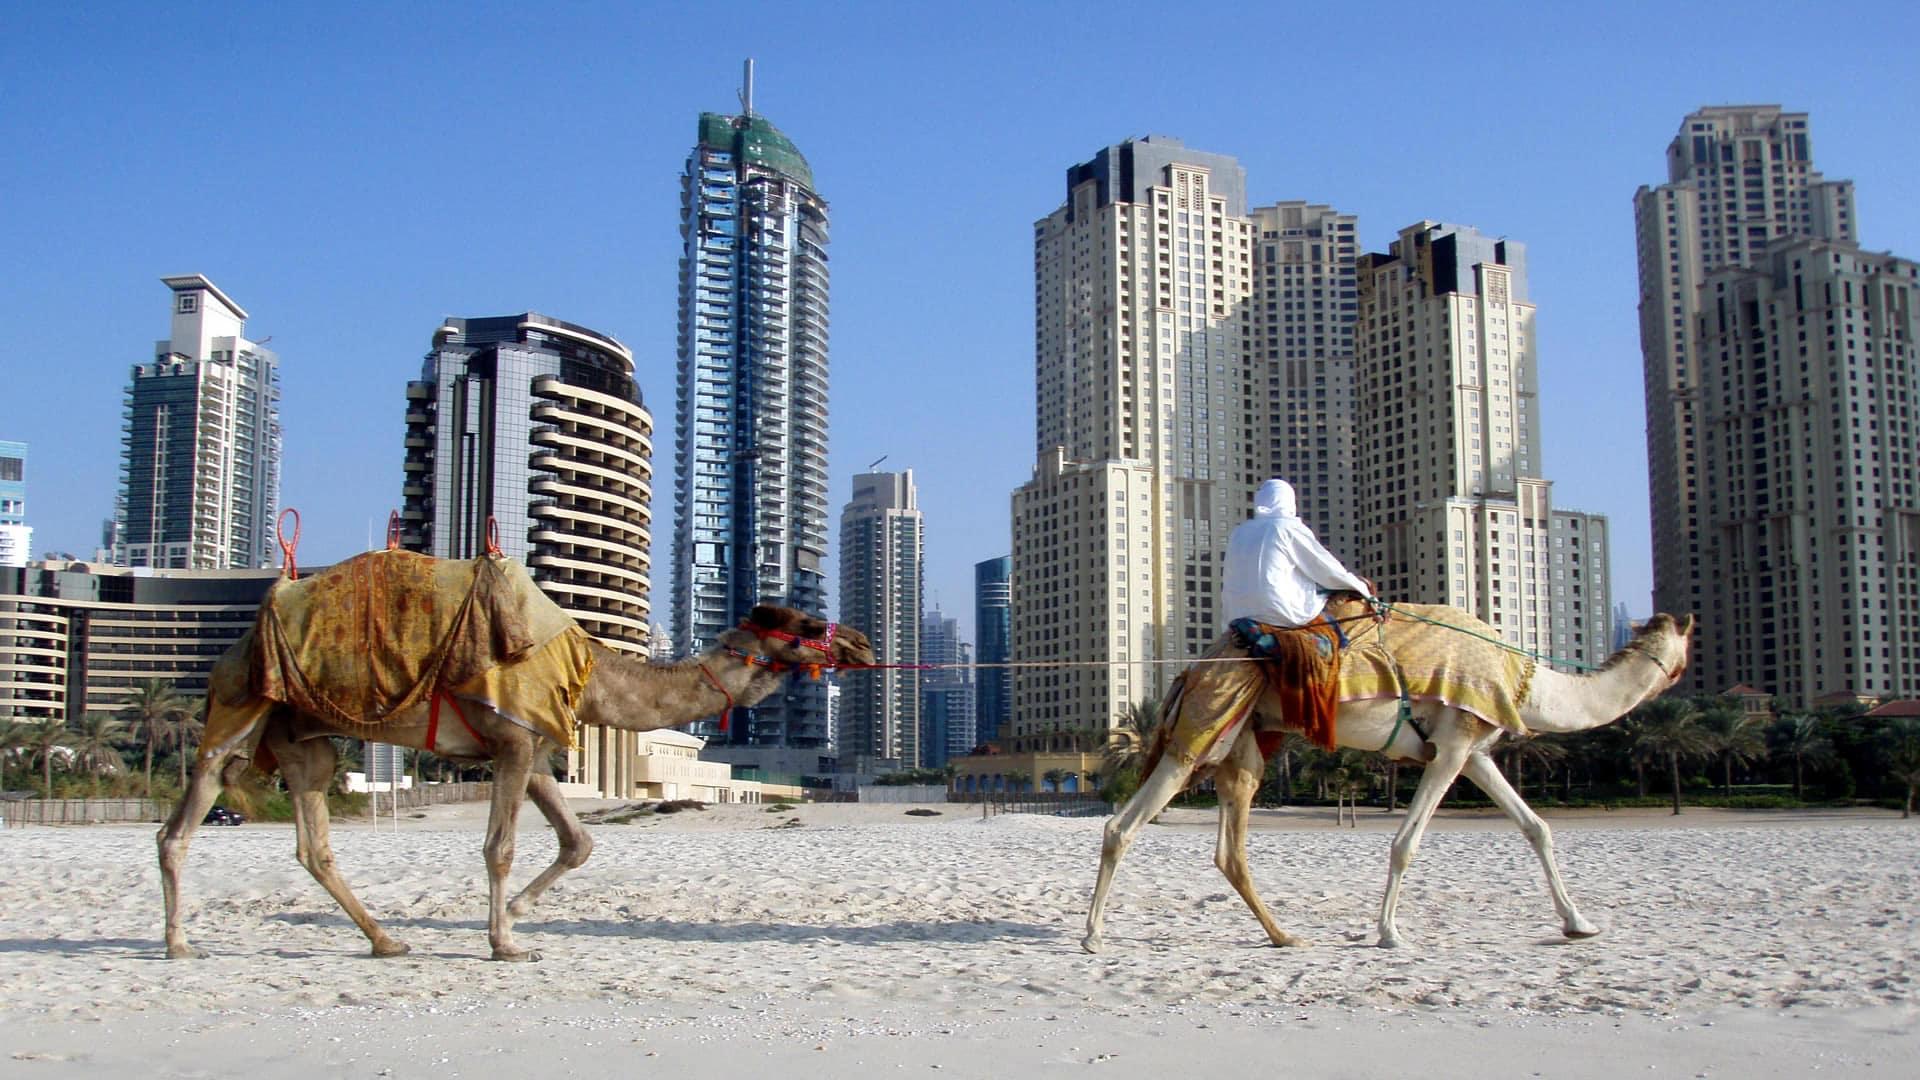 Camellos y rascacielos en los Emiratos Árabes Unidos